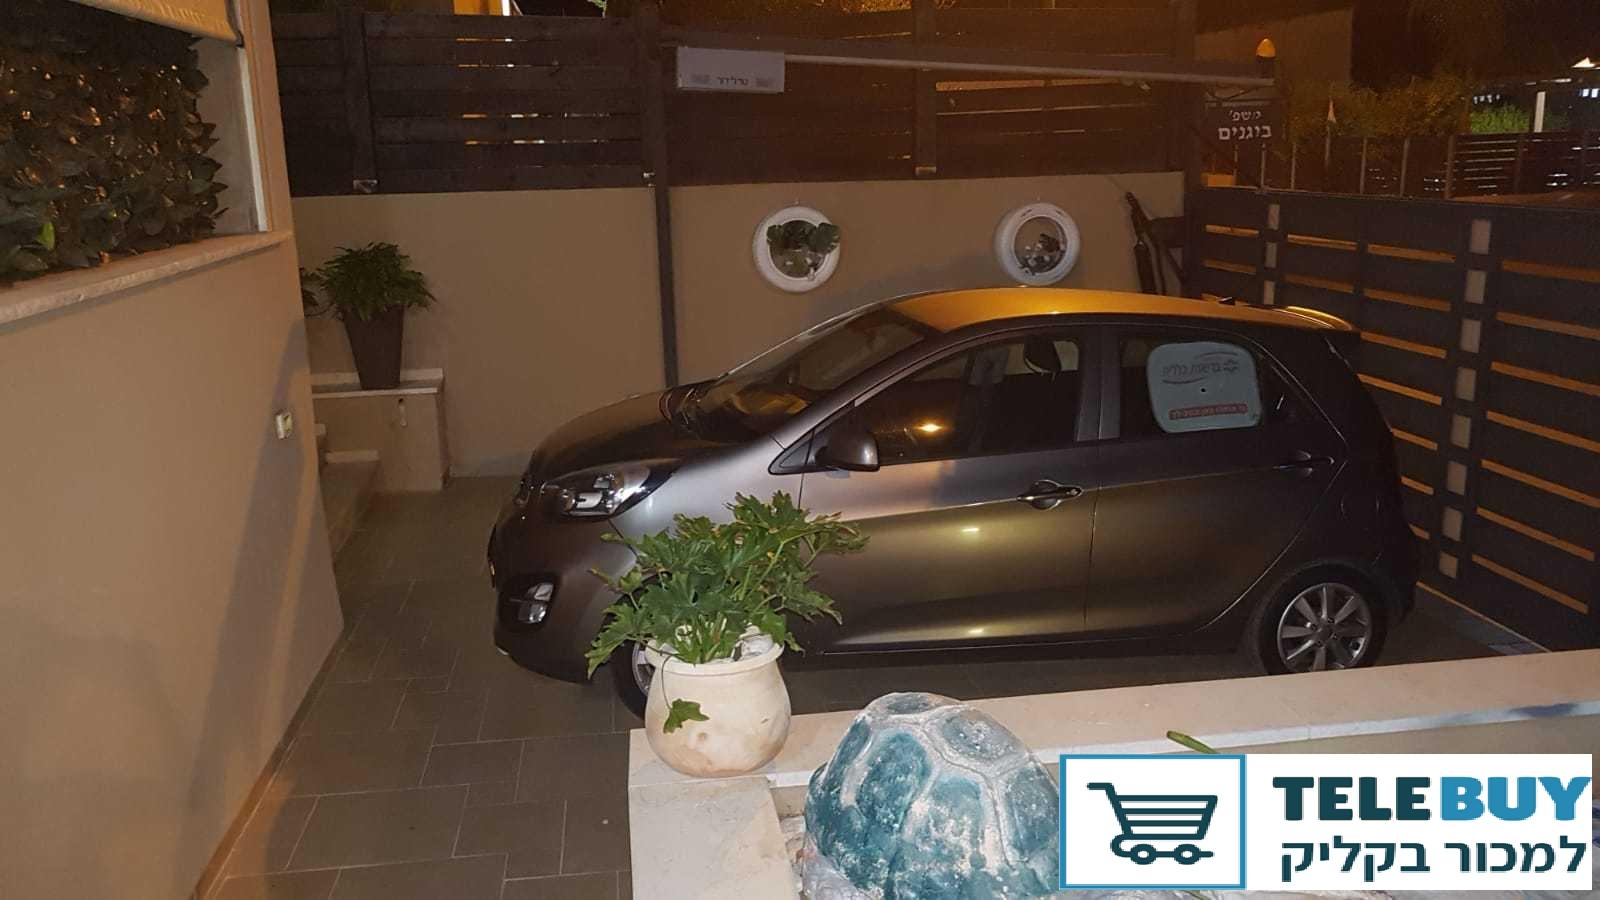 רכב פרטי קיה פיקנטו  בעמק יזרעאל